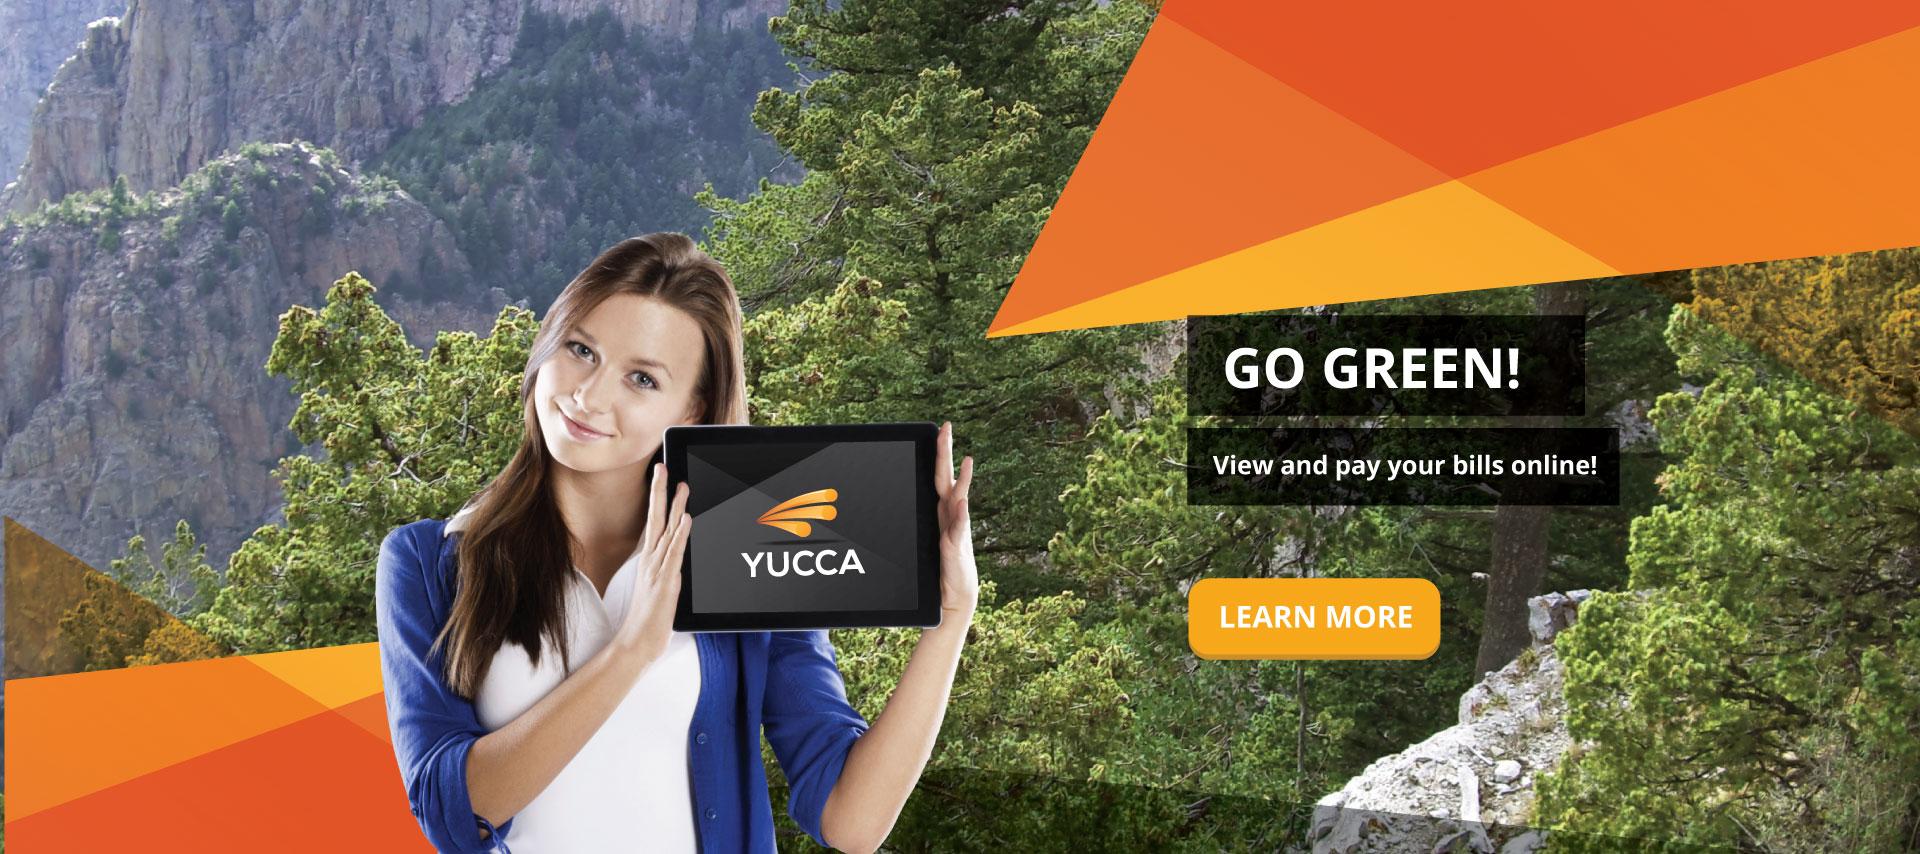 Yucca Telecom